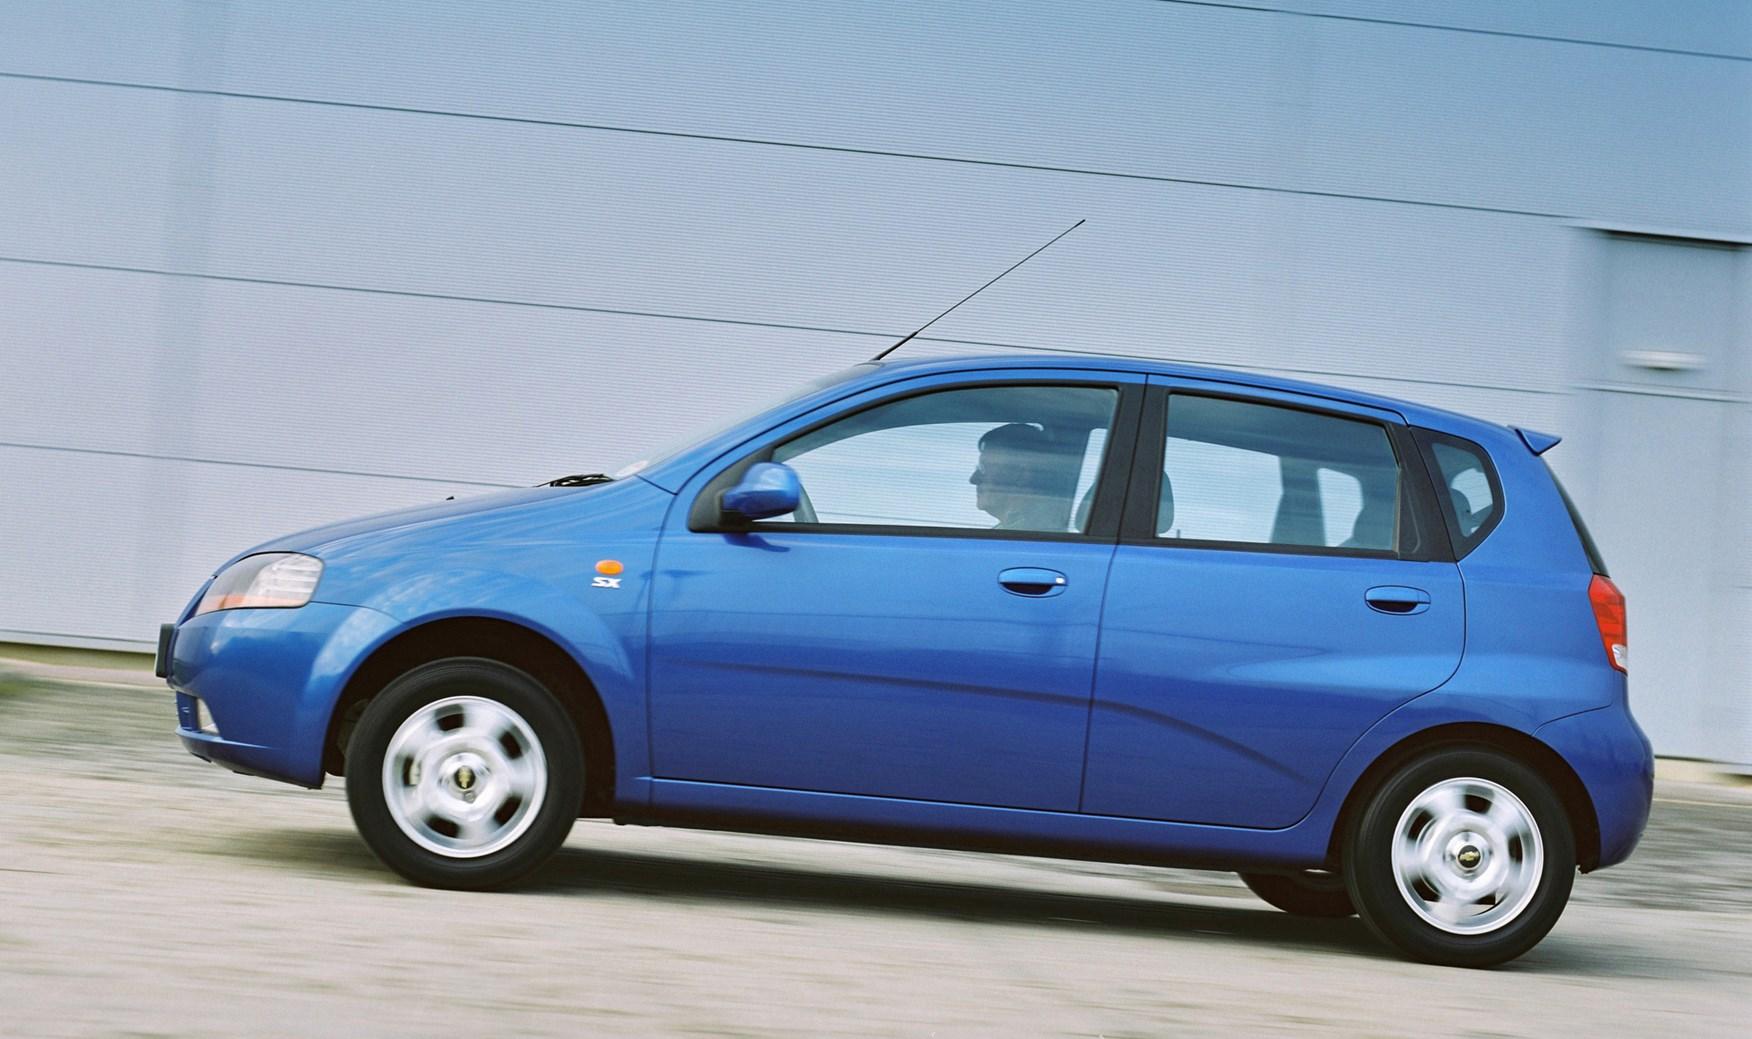 Chevrolet Kalos Hatchback Review (2005  2008) Parkers